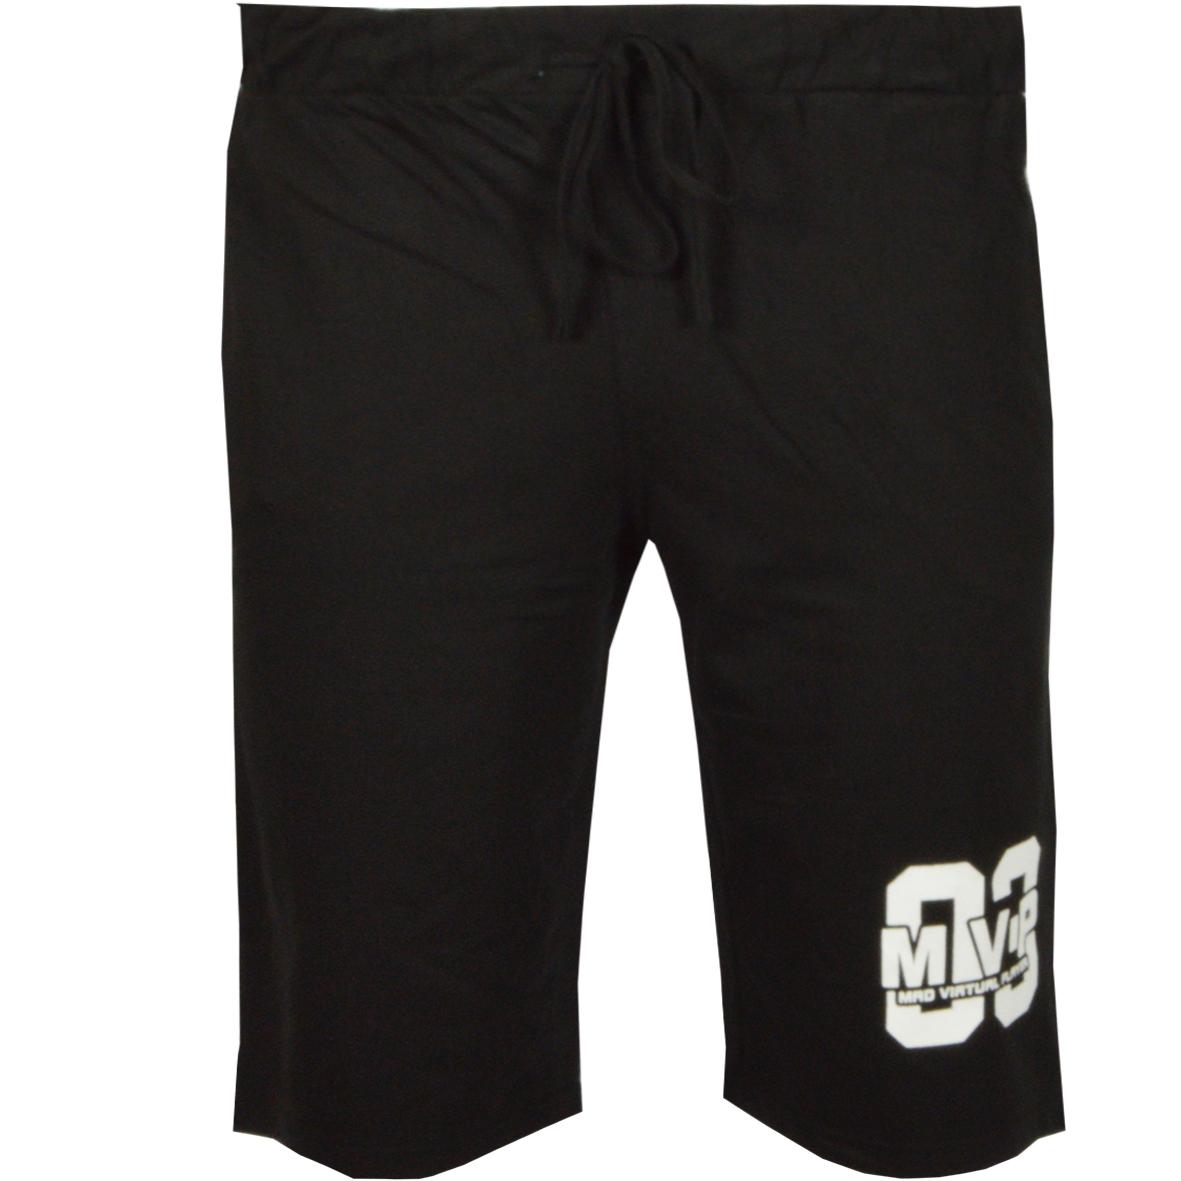 Ανδρική Βερμούδα So Mvp-Μαύρο αρχική ανδρικά ρούχα επιλογή ανά προϊόν βερμούδες